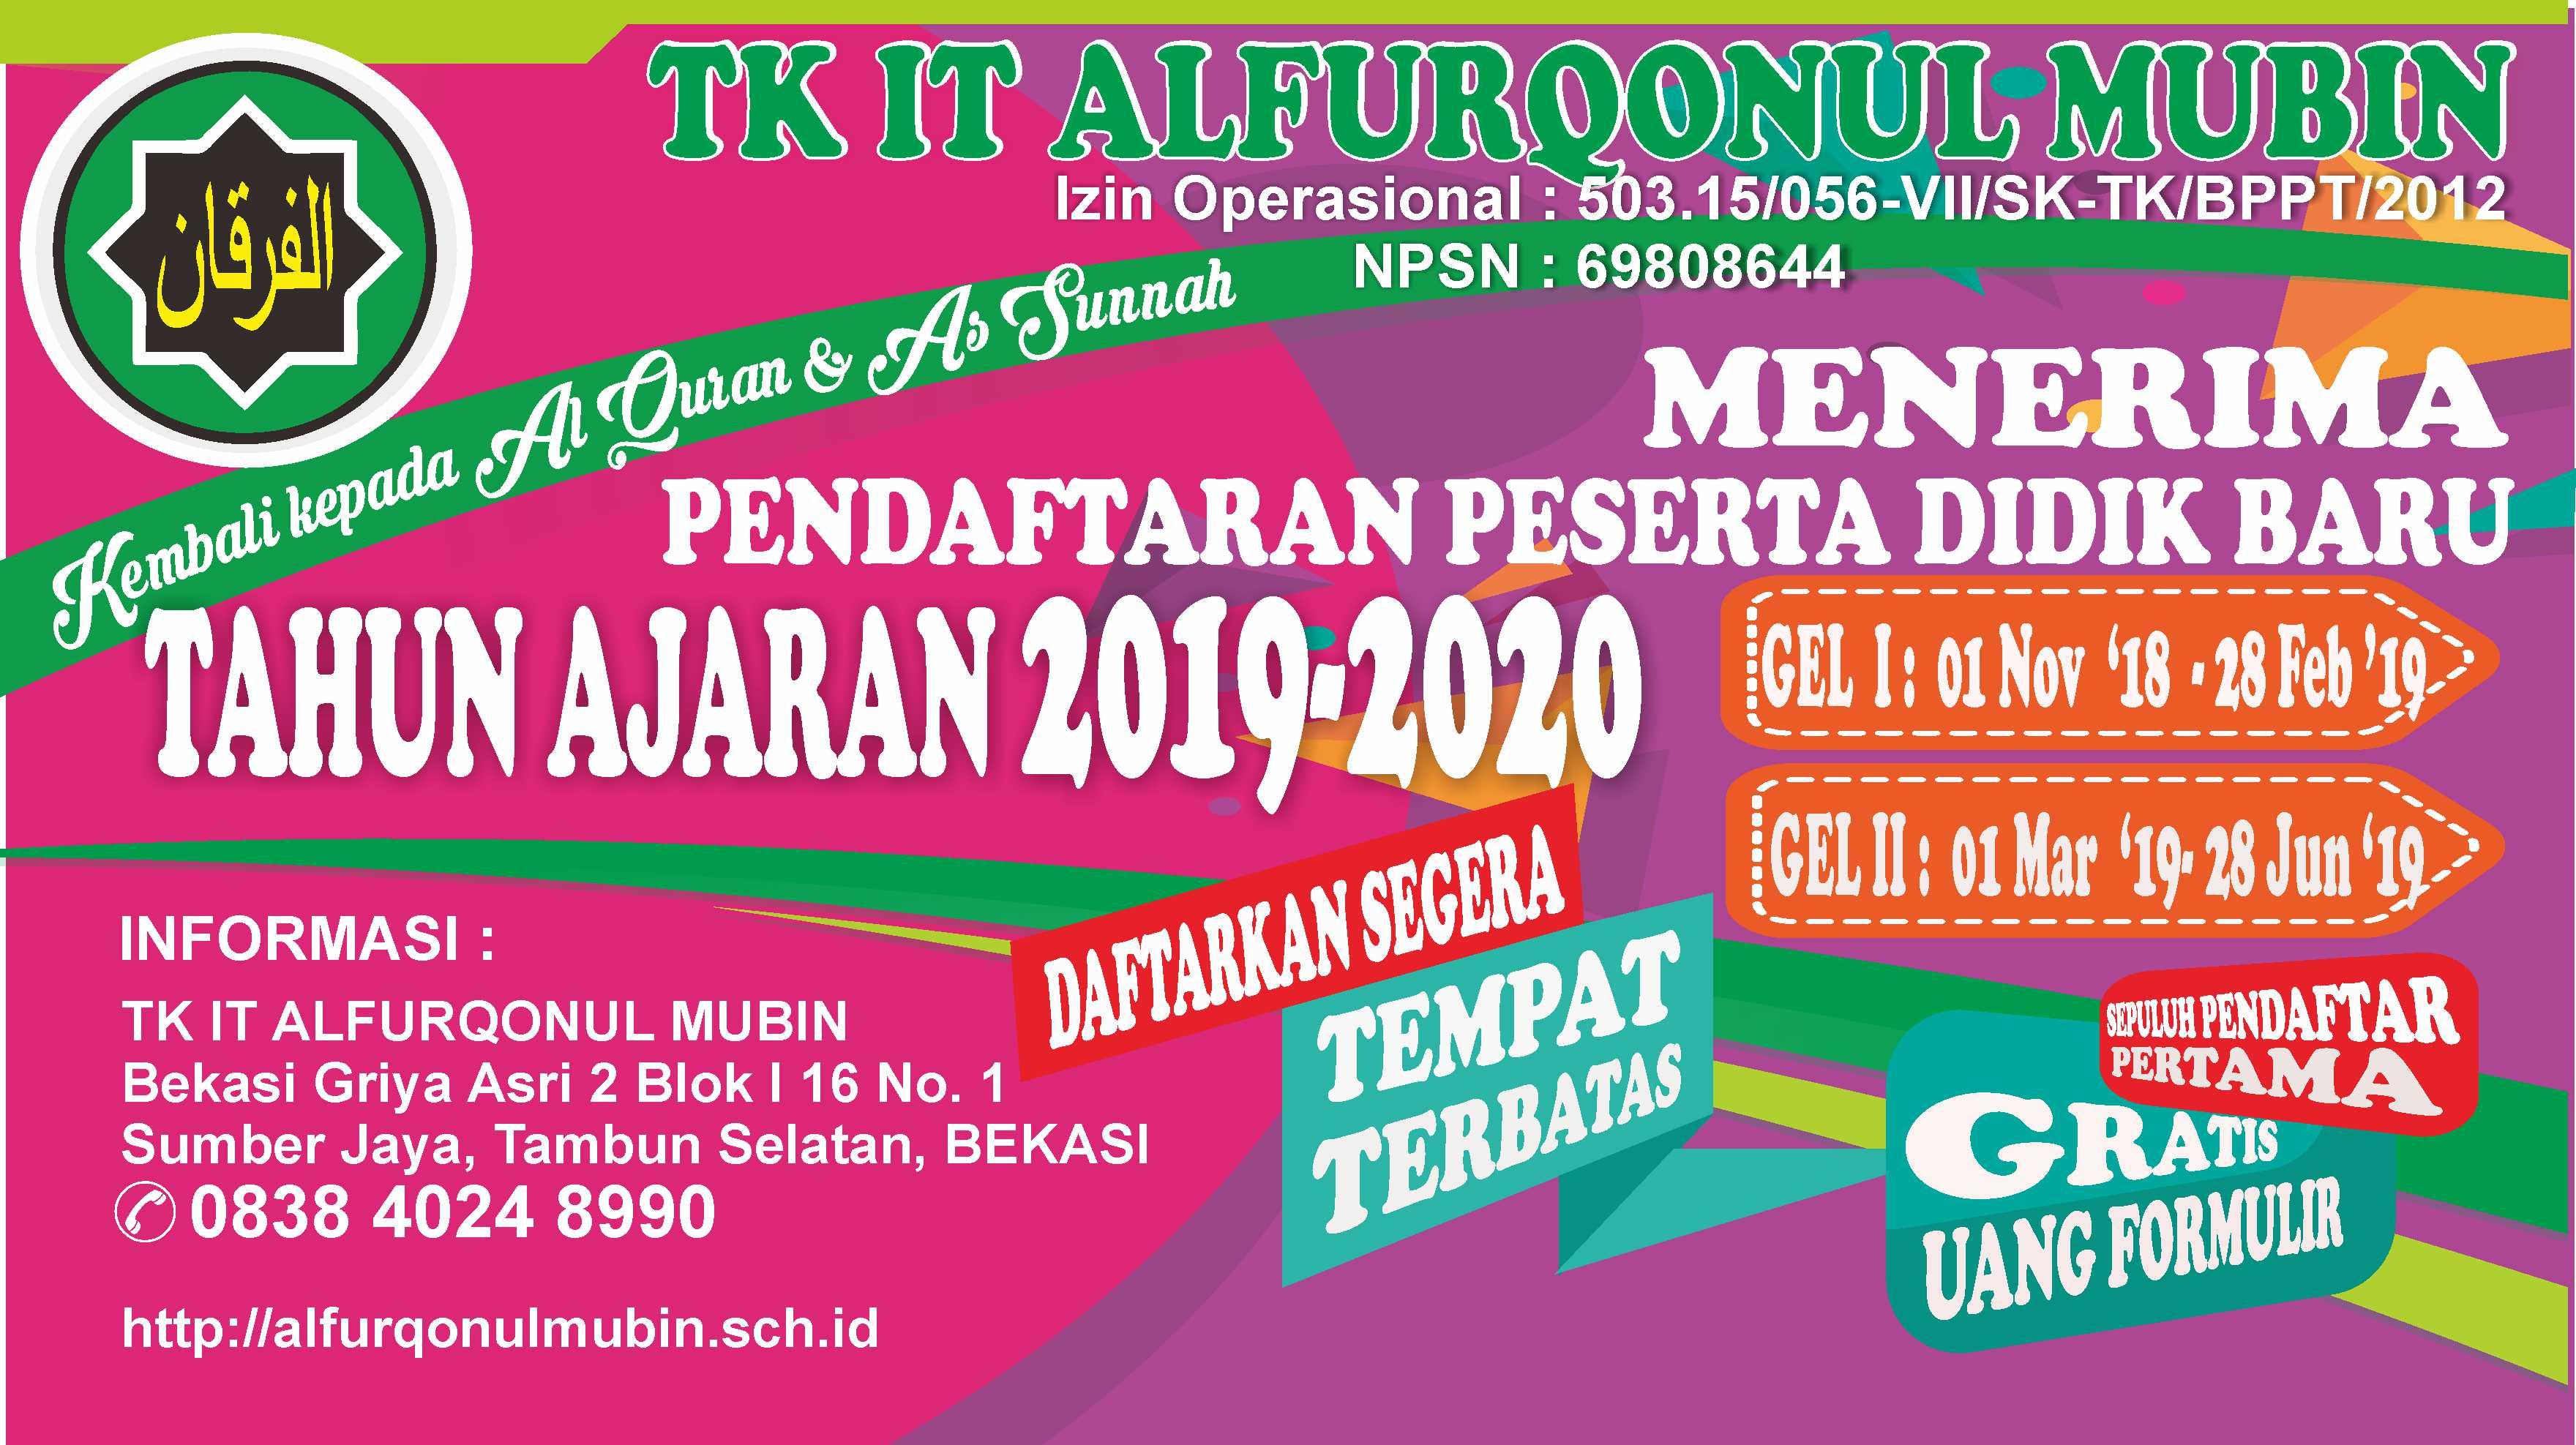 P2DB 2019- 2020